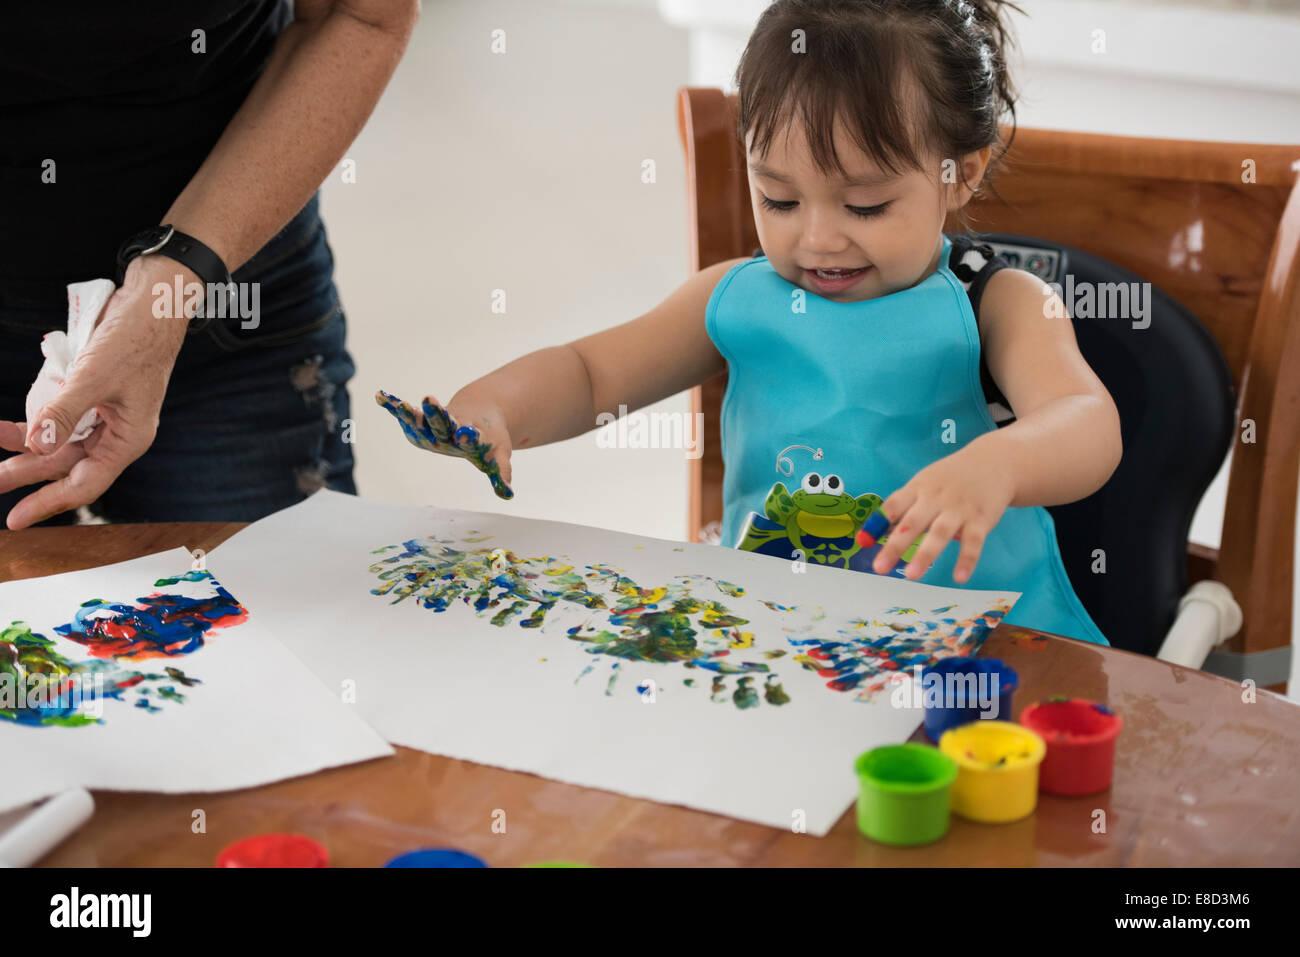 La peinture au doigt de l'enfant Photo Stock